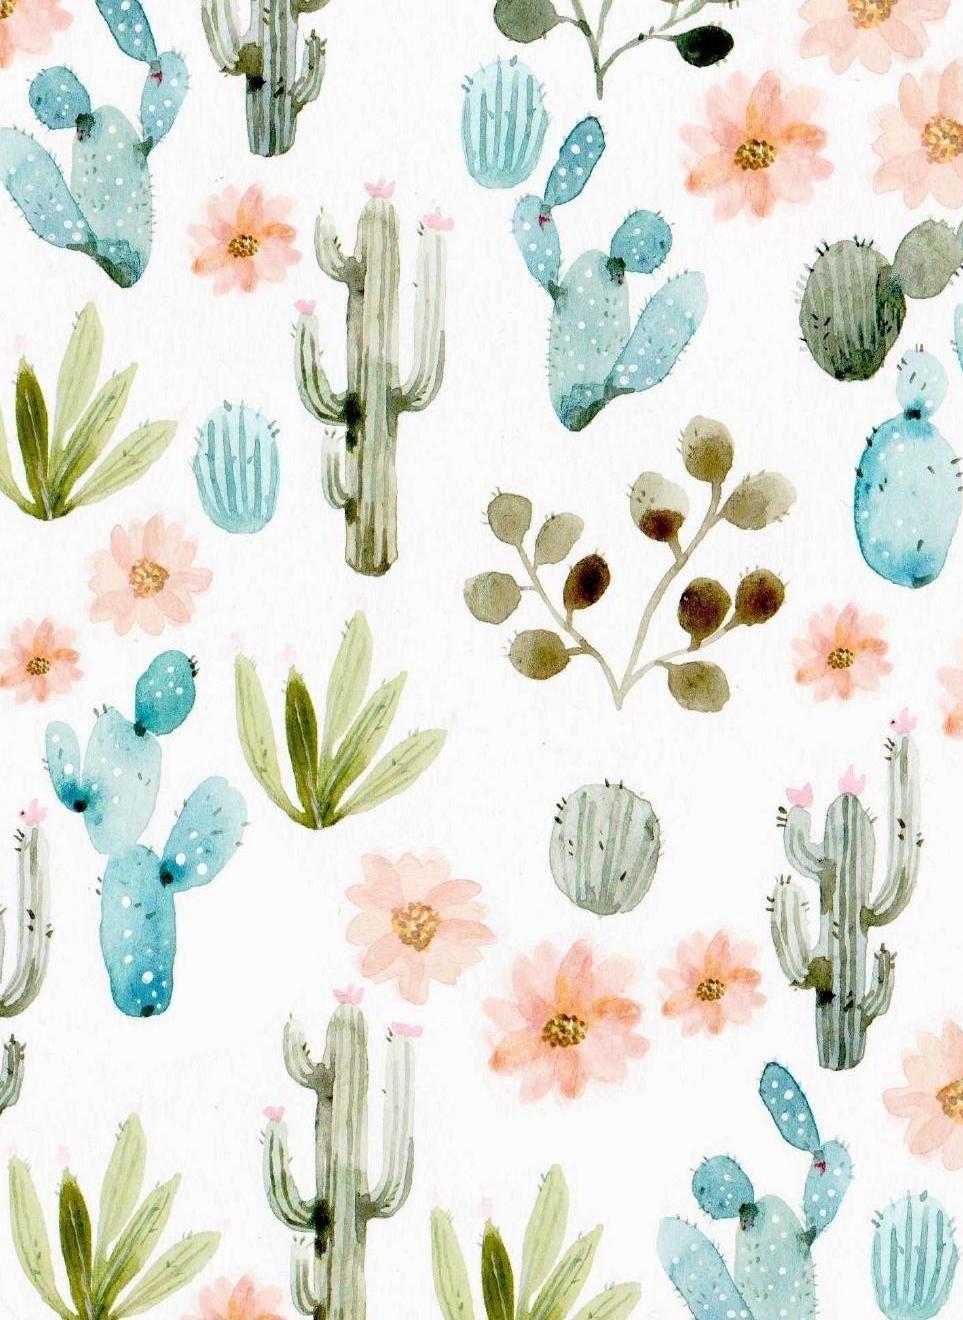 Sonia Cavellini Cacti Arte Em Aquarela Arte Para Impressao